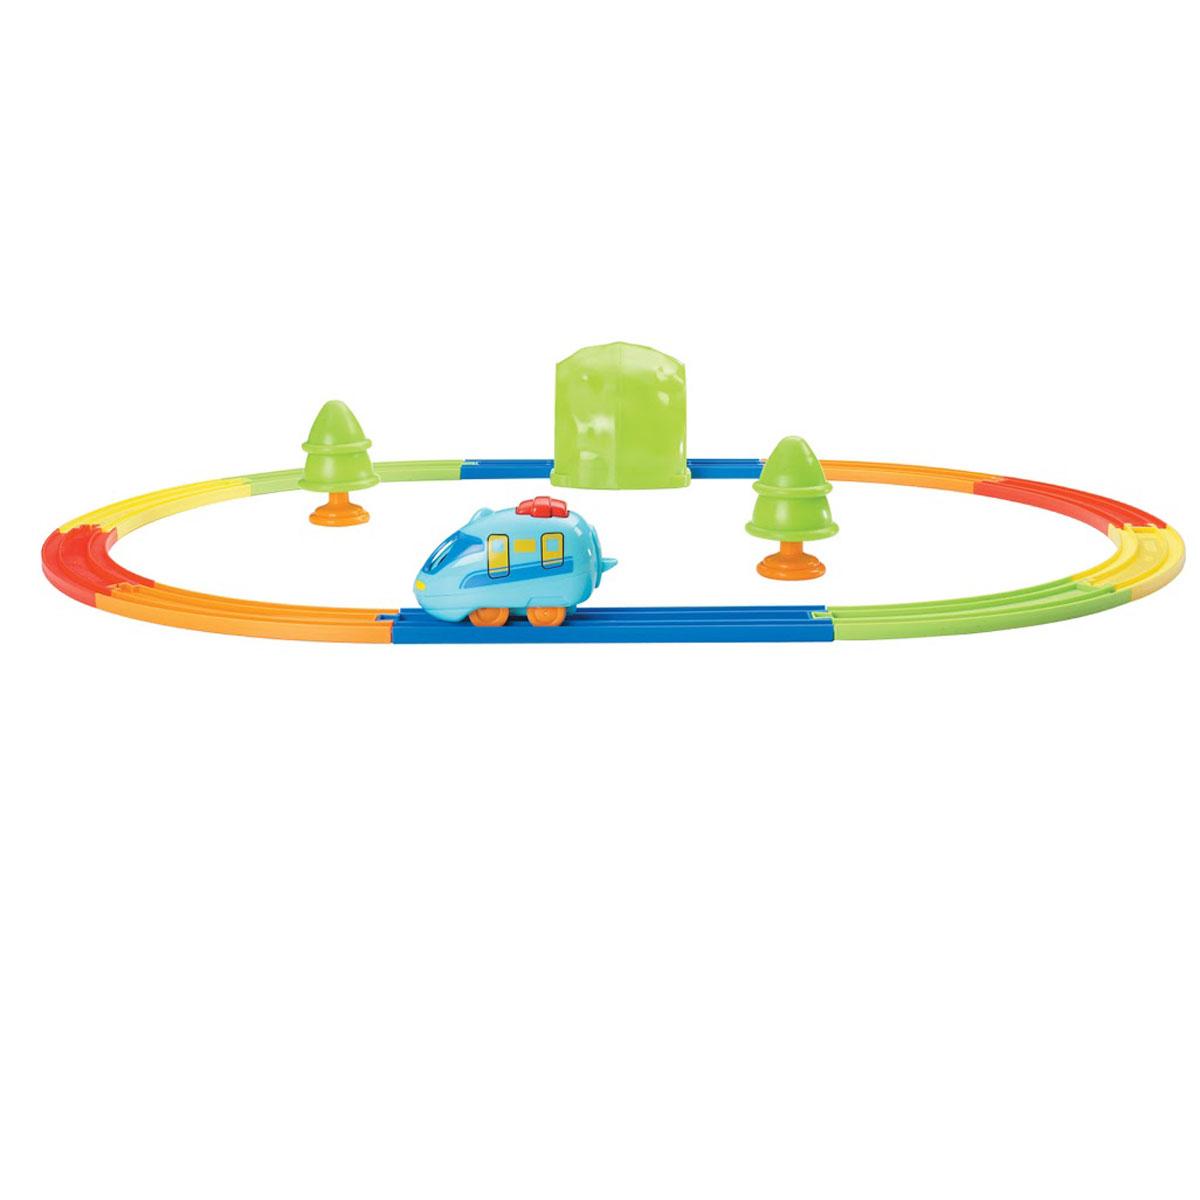 Tomy Развивающая игрушка Мой первый поездE4402RUМой первый поезд - это красочная развивающая игрушка, которая запомнится ребенку на всю жизнь. Малыш с удовольствием будет сам собирать рельсы в один круг, расставлять вокруг них деревья и конструировать тоннель с нарисованными тучками и солнышком. Все детали крупные и легко соединяются друг с другом. Набор с паровозиком - это соединяющиеся между собой в виде пазла элементы железной дороги, 10 цветных элементов, 2 деревца, станция, и забавный паровозик. Он весело подмигивает глазками, когда едет вперед - подтолкни его и увидишь! Откатите его немного назад и отпускайте, дальше он поедет сам. Пора запускать паровозик в путь!